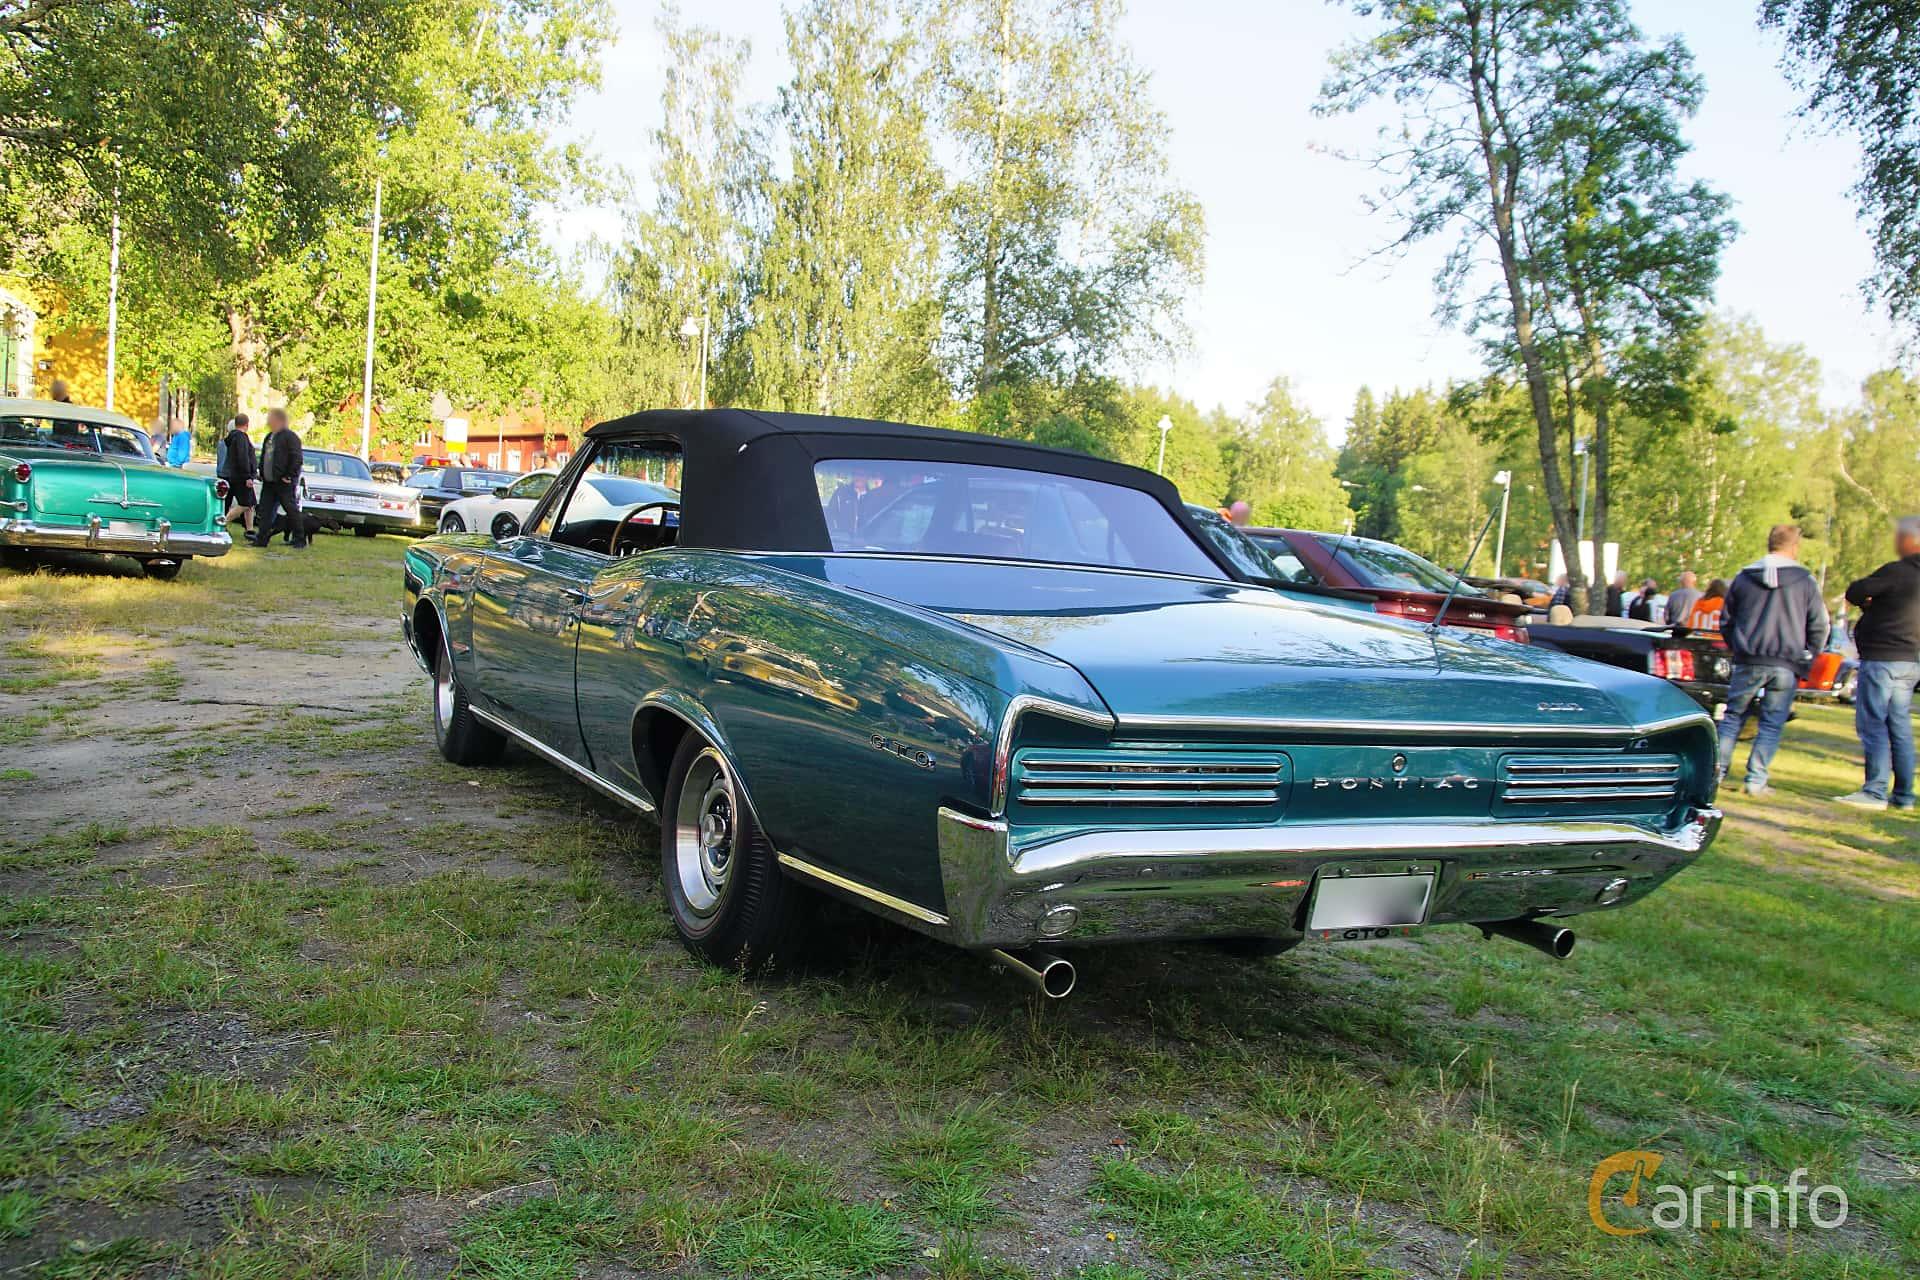 Pontiac GTO Convertible 6.4 V8 Hydra-Matic, 329hp, 1966 at Onsdagsträffar på Gammlia Umeå 2019 vecka 28